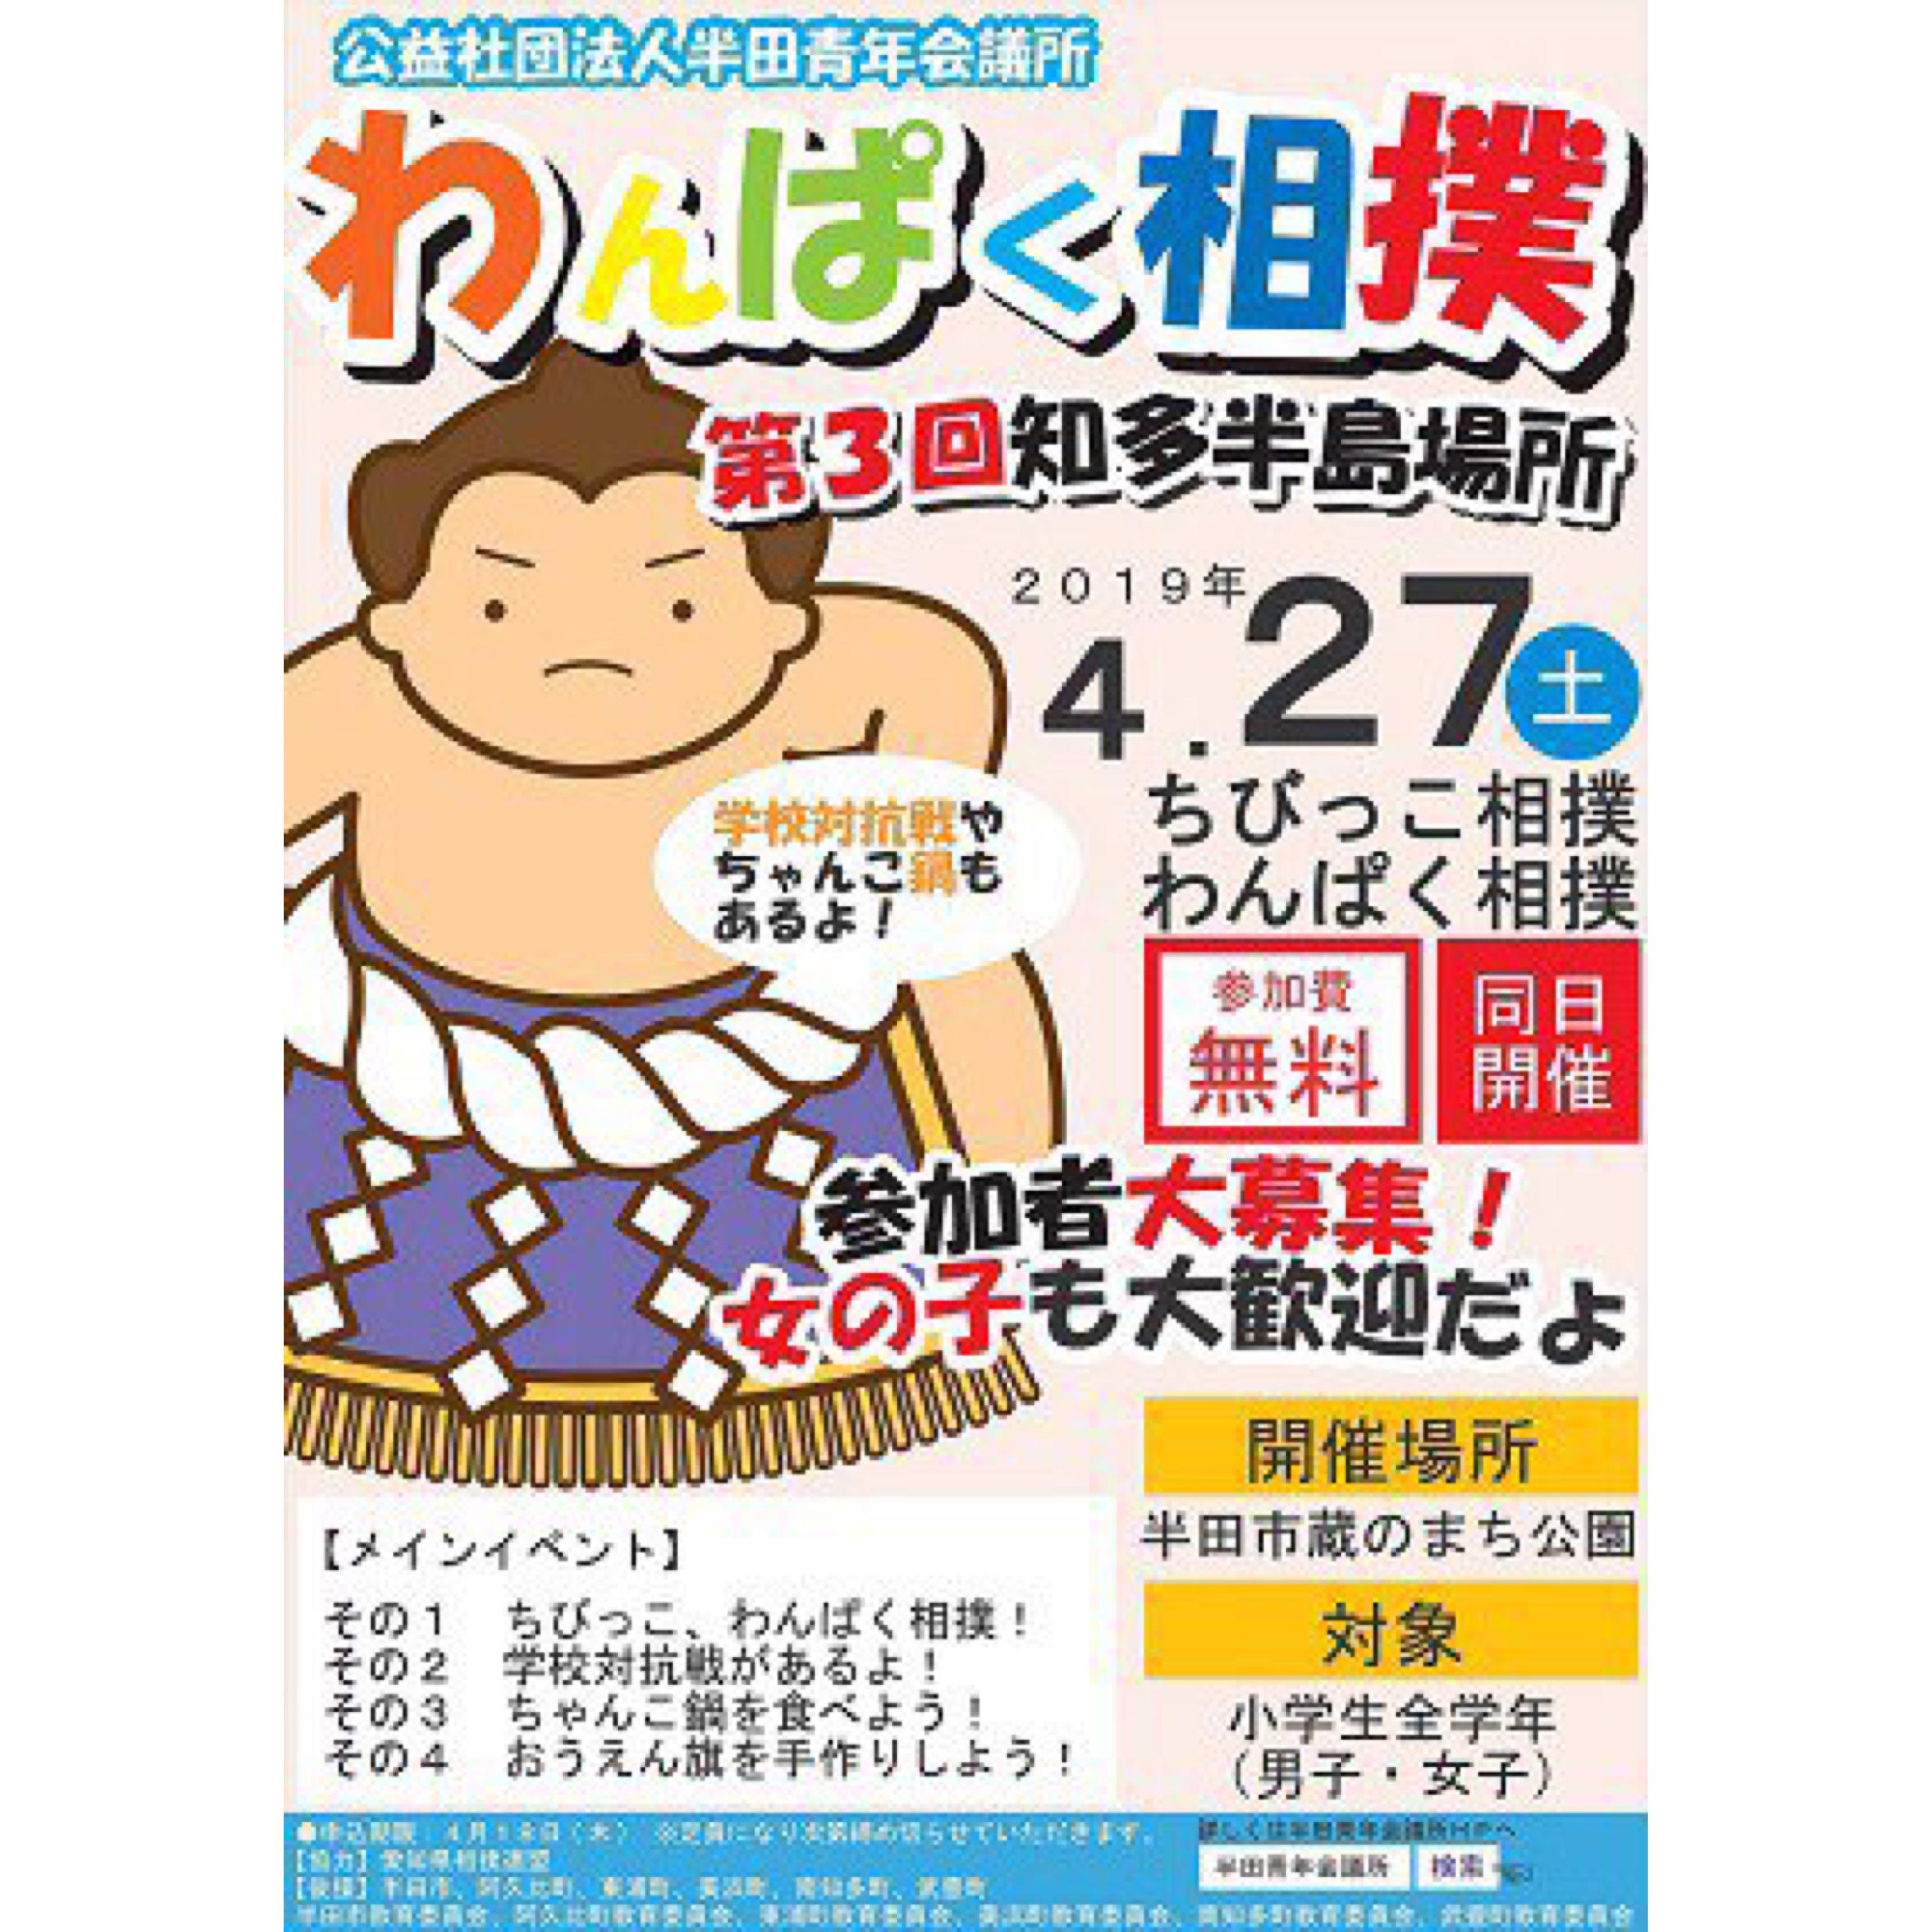 「わんぱく相撲」第3回知多半島場所 イメージ画像